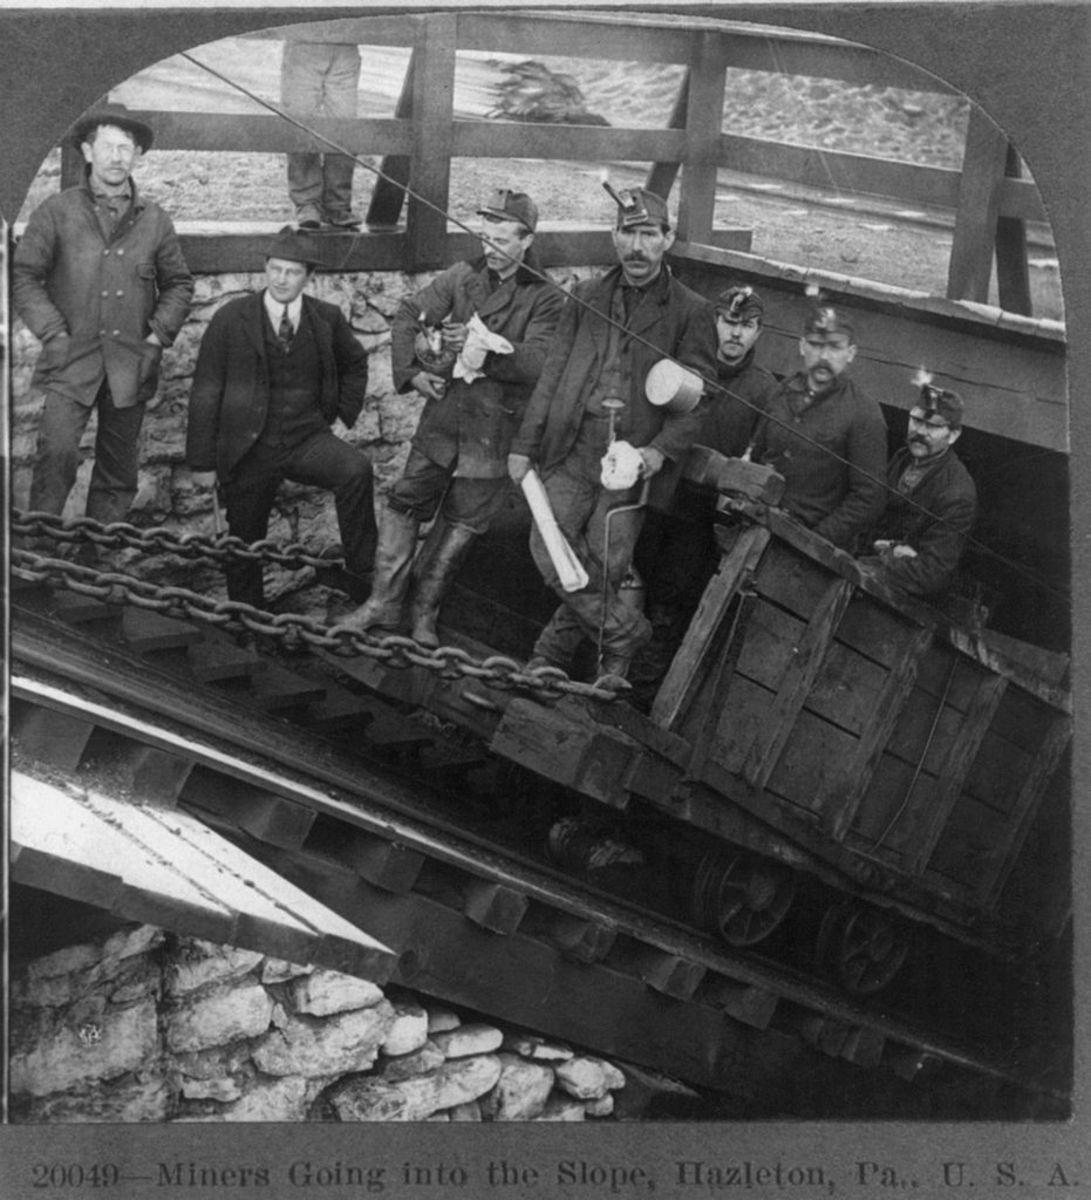 Coal miners in Hazelton, Pa c. 1905